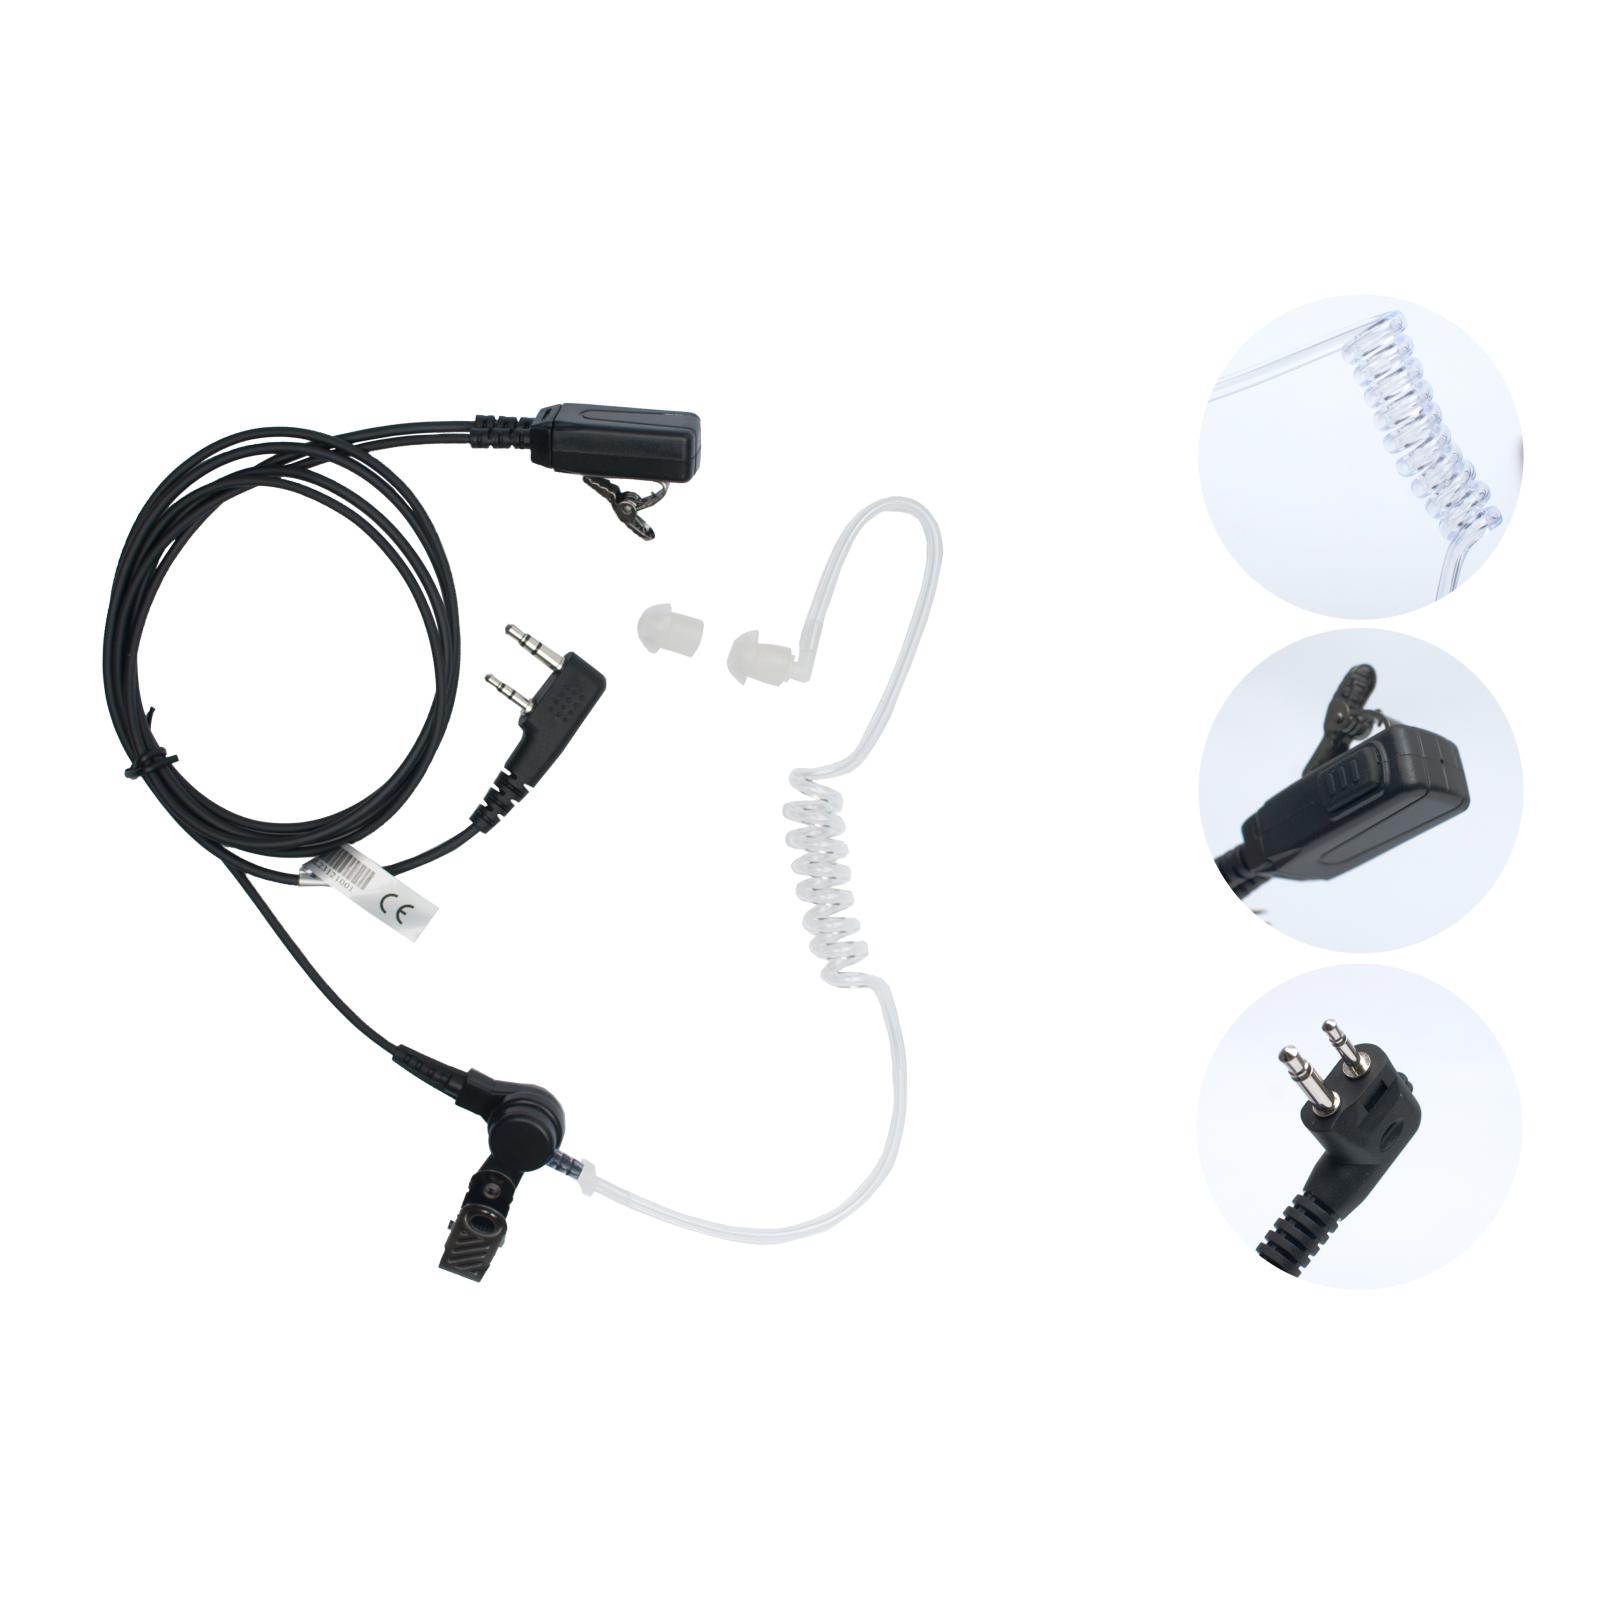 Наушники Agent cкрытого ношения c прозрачным звуководом и mini VOX РТТ (A-023K1)